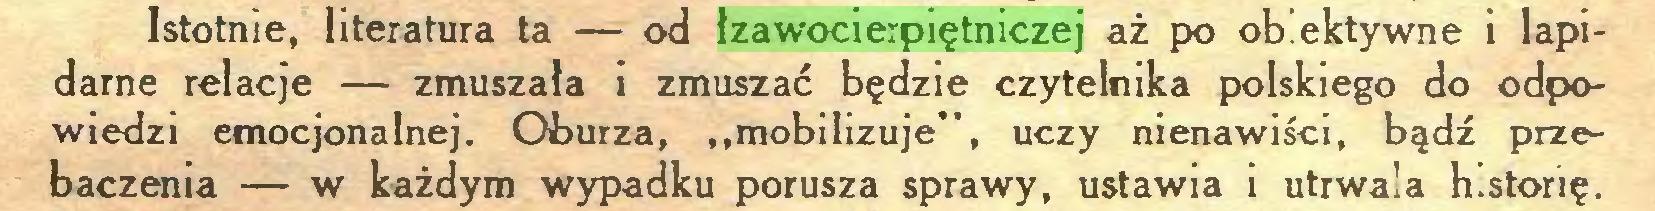 """(...) Istotnie, literatura ta — od łzawocierpiętniczej aż po obiektywne i lapidarne relacje — zmuszała i zmuszać będzie czytelnika polskiego do odpowiedzi emocjonalnej. Oburza, """"mobilizuje"""", uczy nienawiści, bądź przebaczenia — w każdym wypadku porusza sprawy, ustawia i utrwala historię..."""